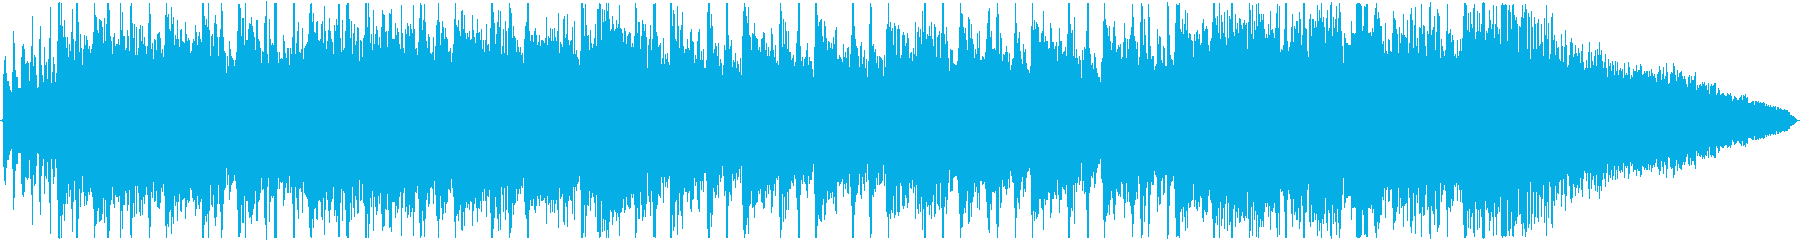 エピックギターシンフォニックロックの再生済みの波形